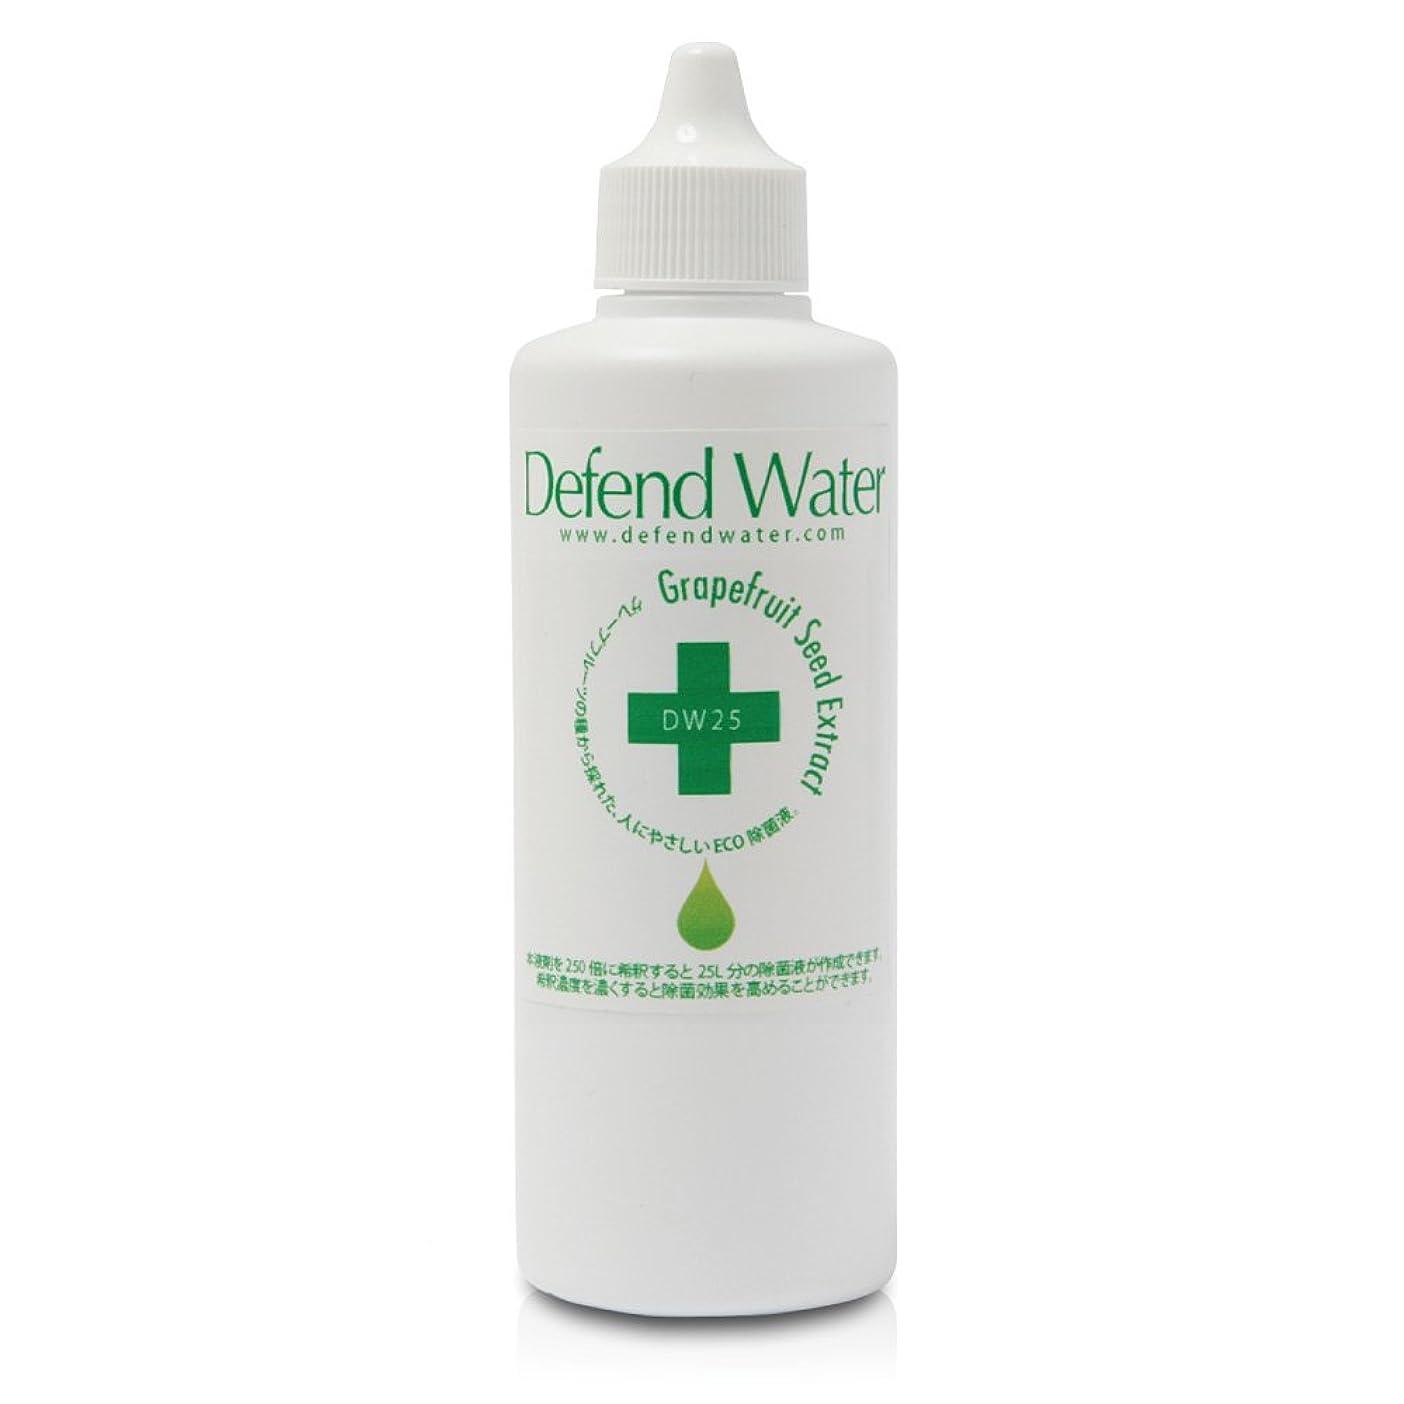 ミニ文言パースアロマオイルと一緒に使う空間除菌液、天然エコ除菌液「ディフェンドウォーター」DW25:全国送料無料